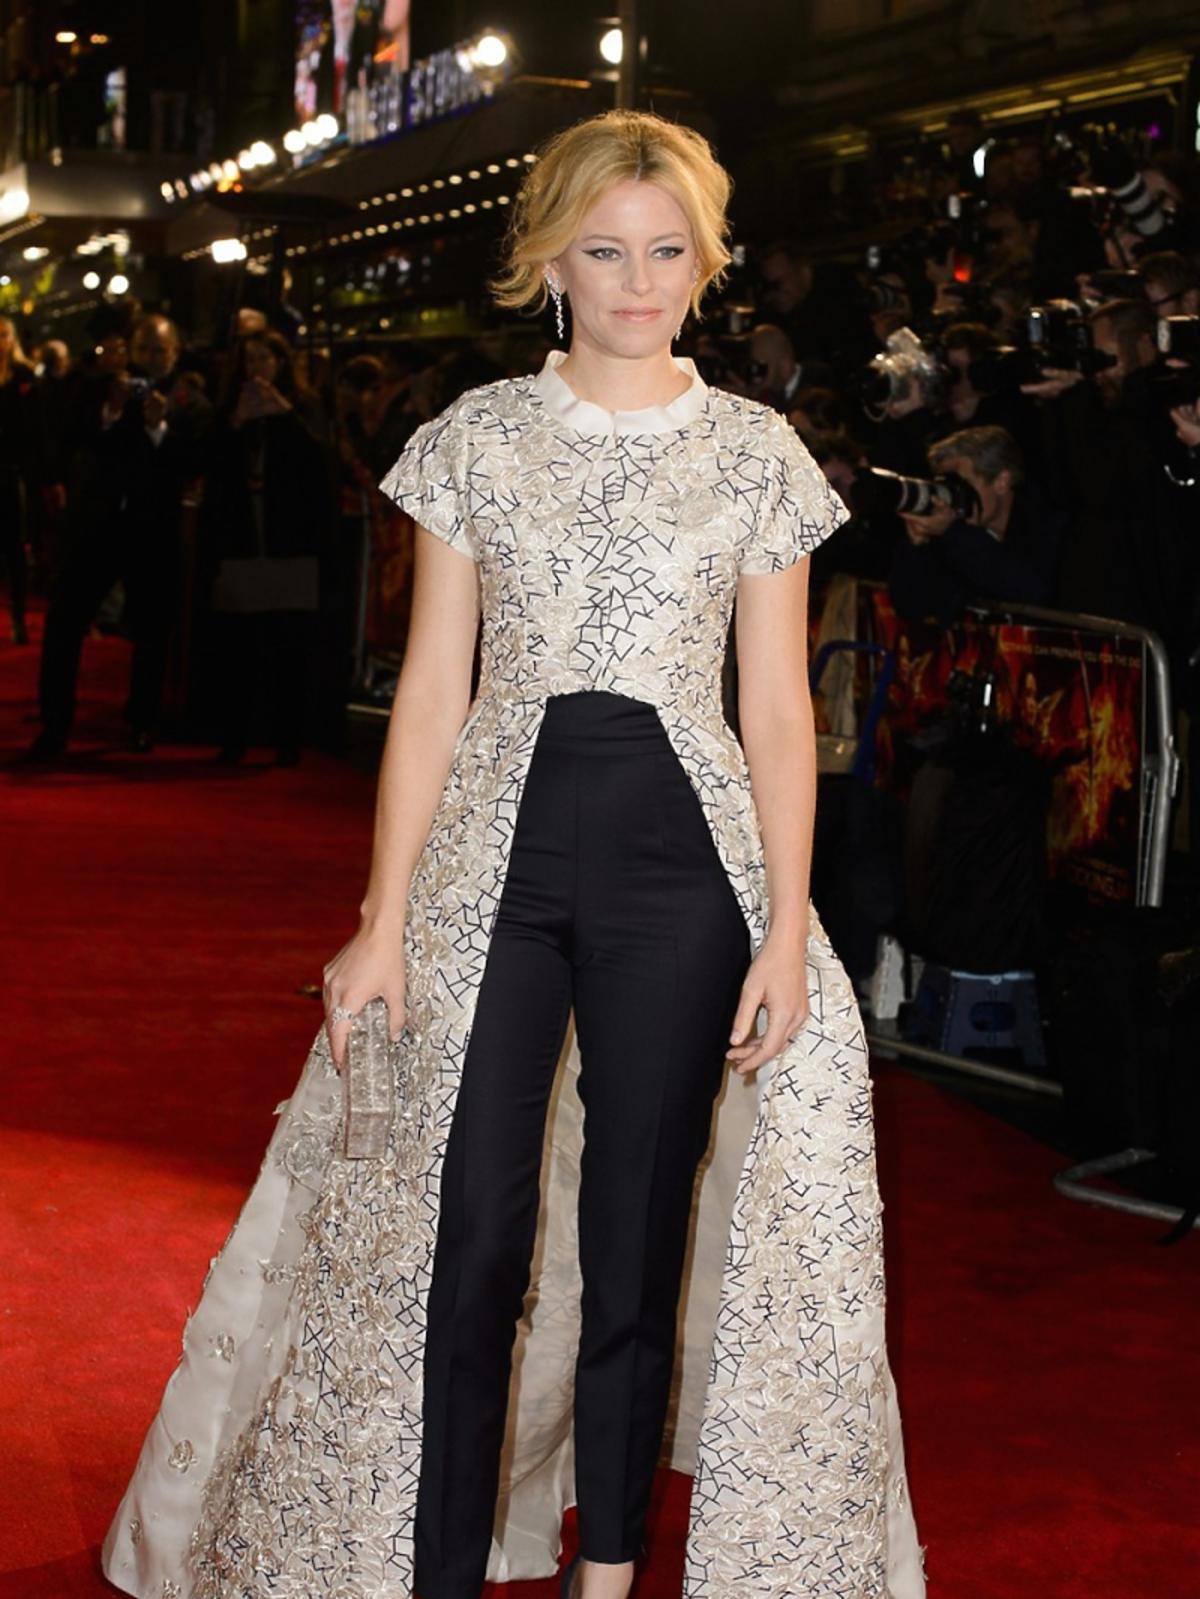 Elizabeth Banks wczarnych spodniach, białej sukni z czarne wzory